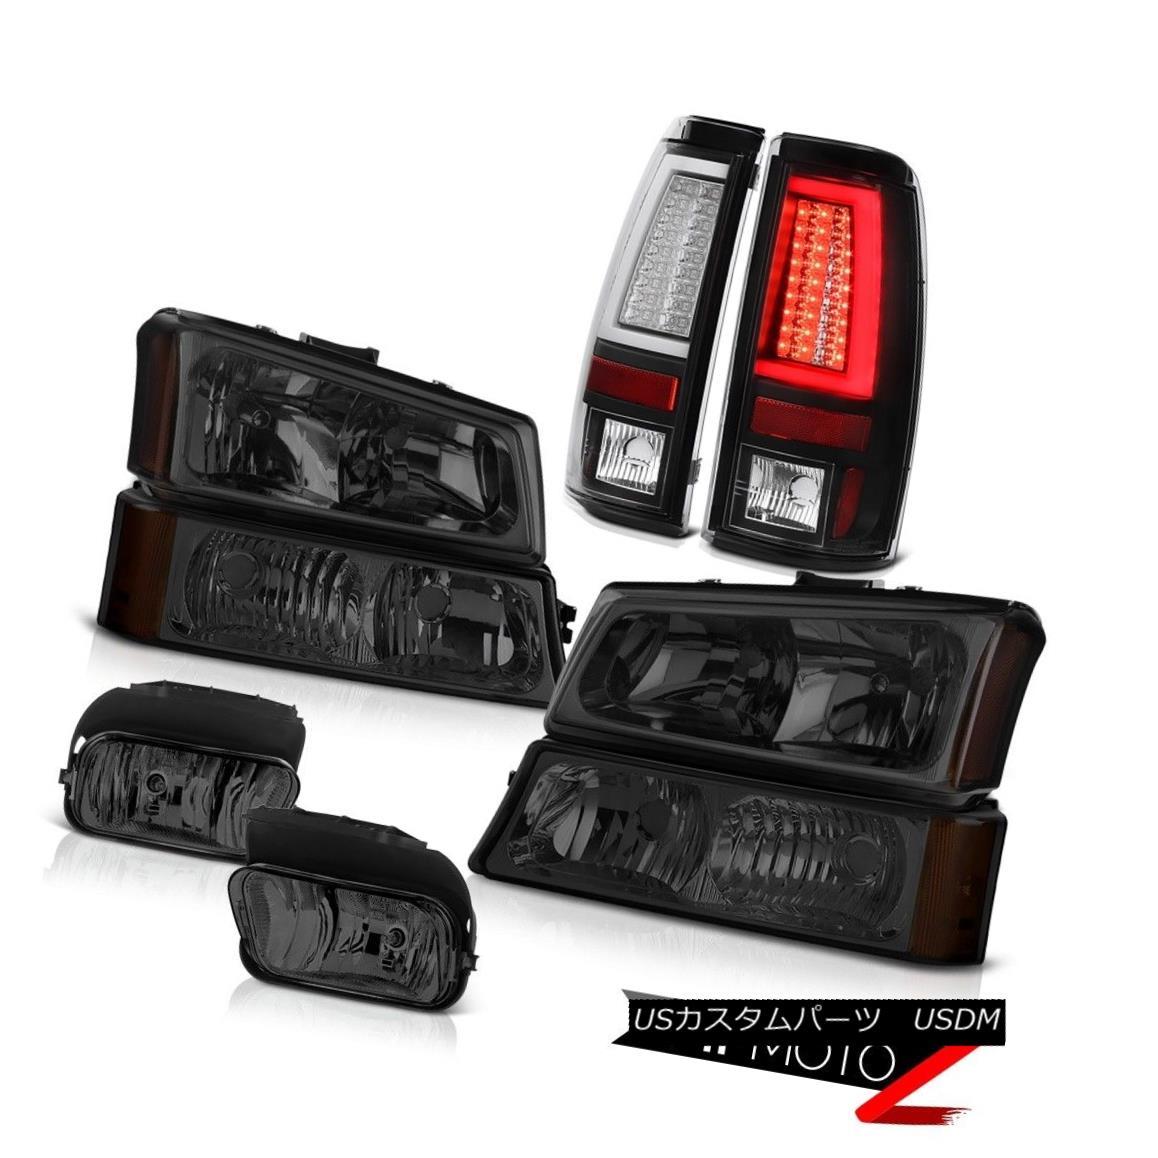 テールライト 03-06 Silverado Taillamps Dark Smoke Foglamps Signal Light Headlights OLED Prism 03-06 Silverado TaillampsダークスモークフォグランプシグナルライトヘッドライトOLEDプリズム